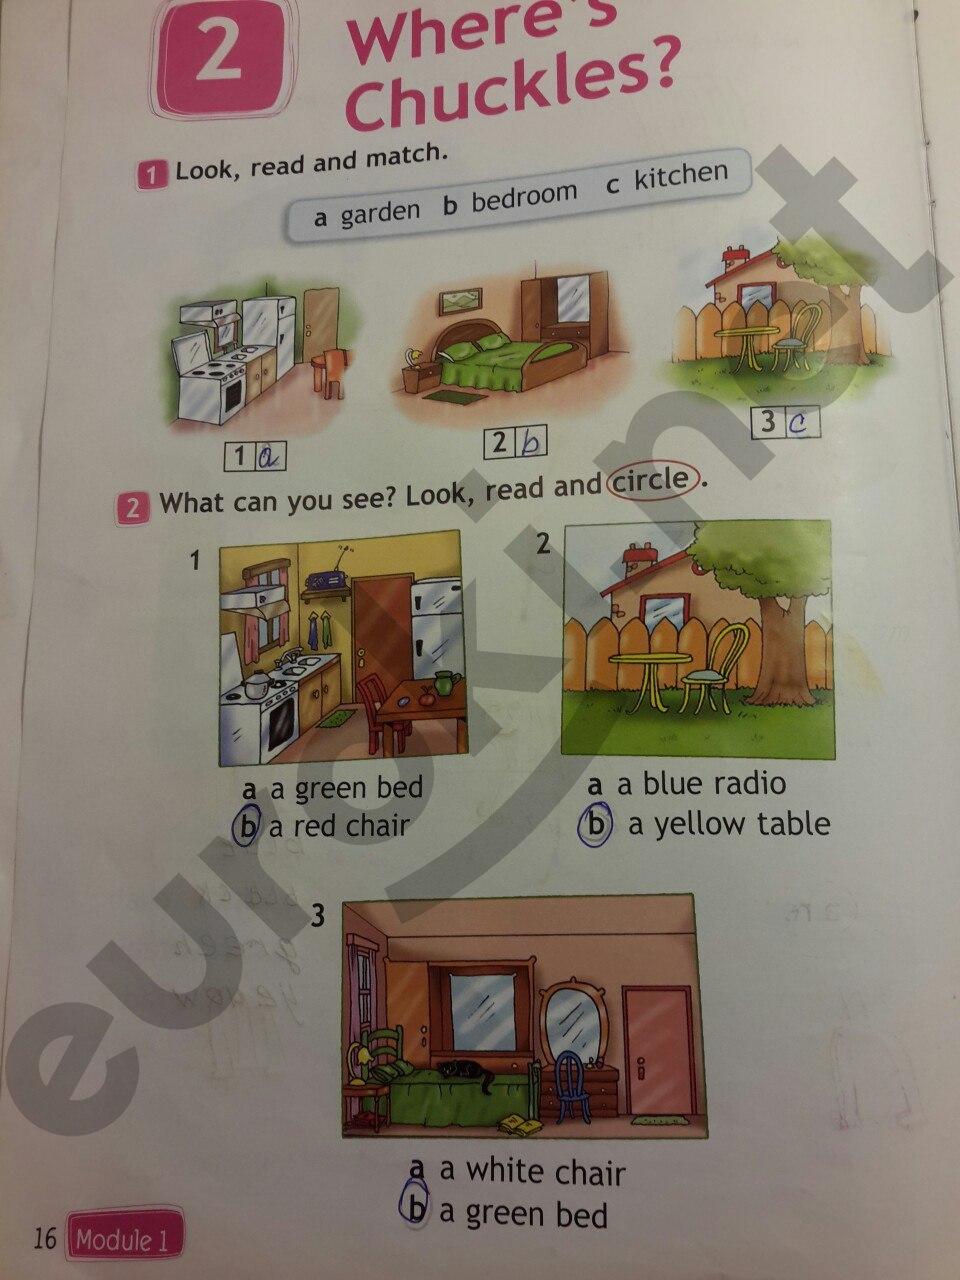 английскому класс 2 задания рабочая тетрадь готовые по быкова домашние